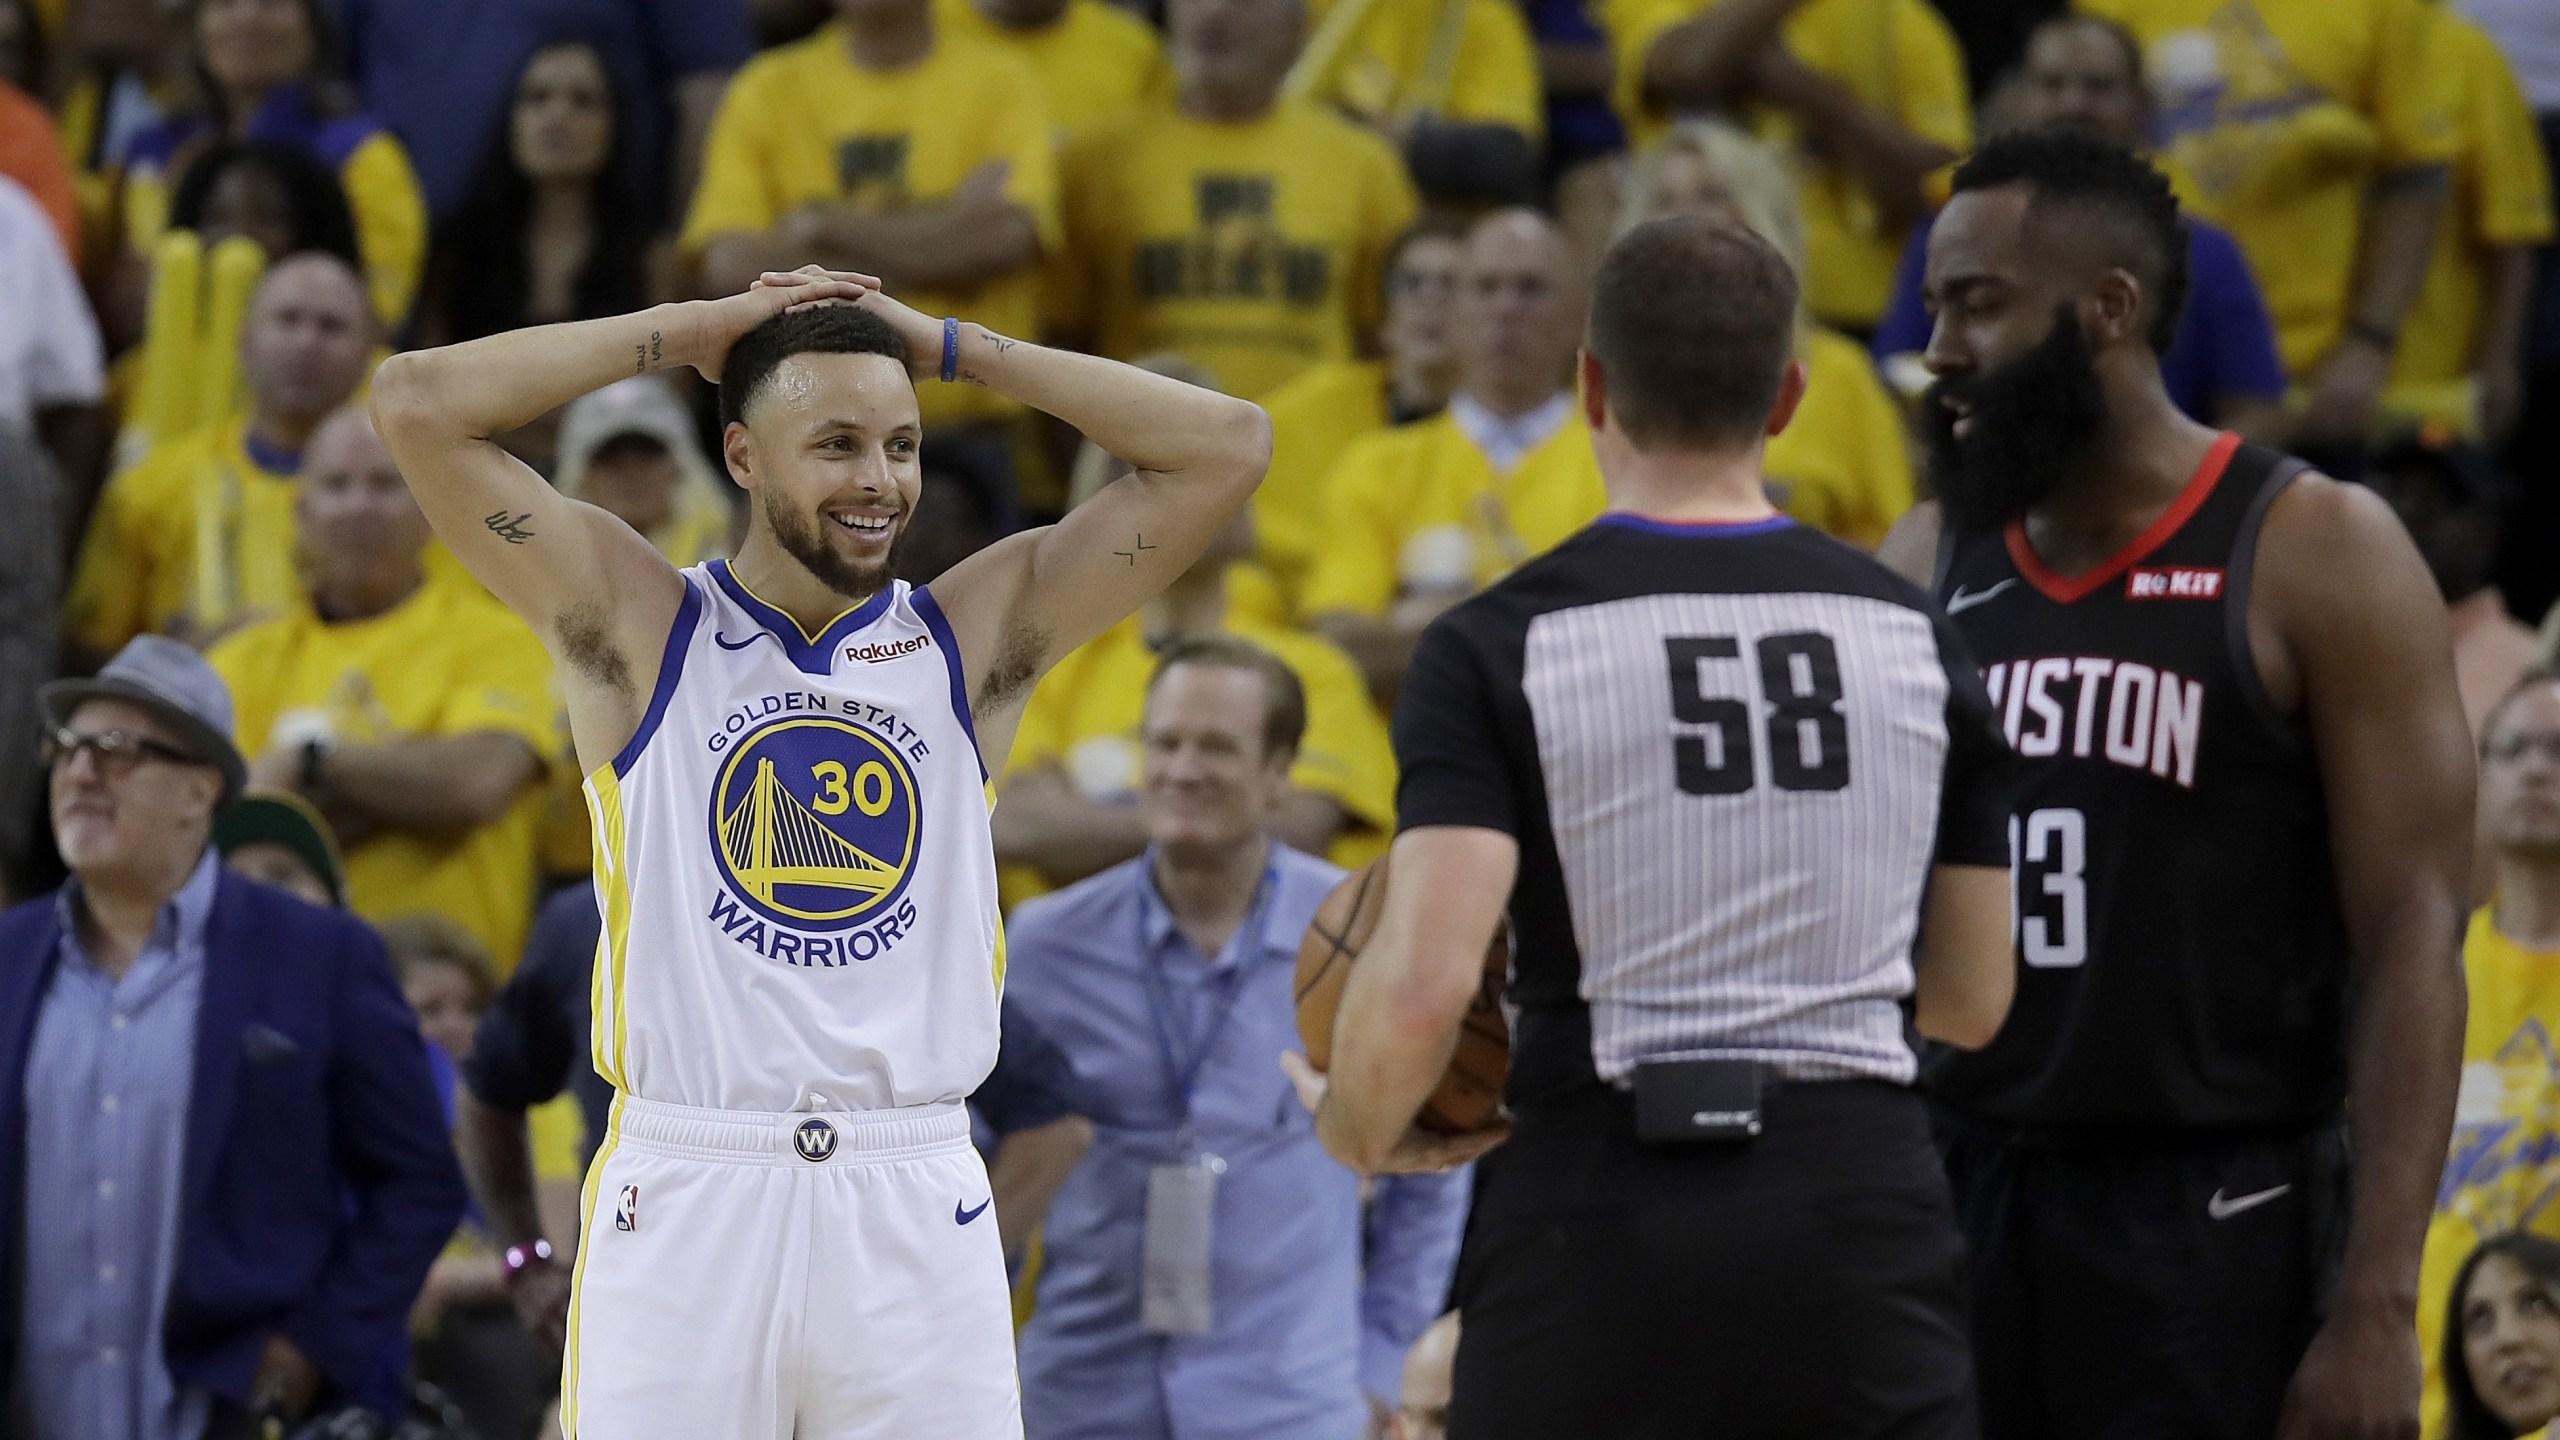 Warriors-Rockets vs officials 2019